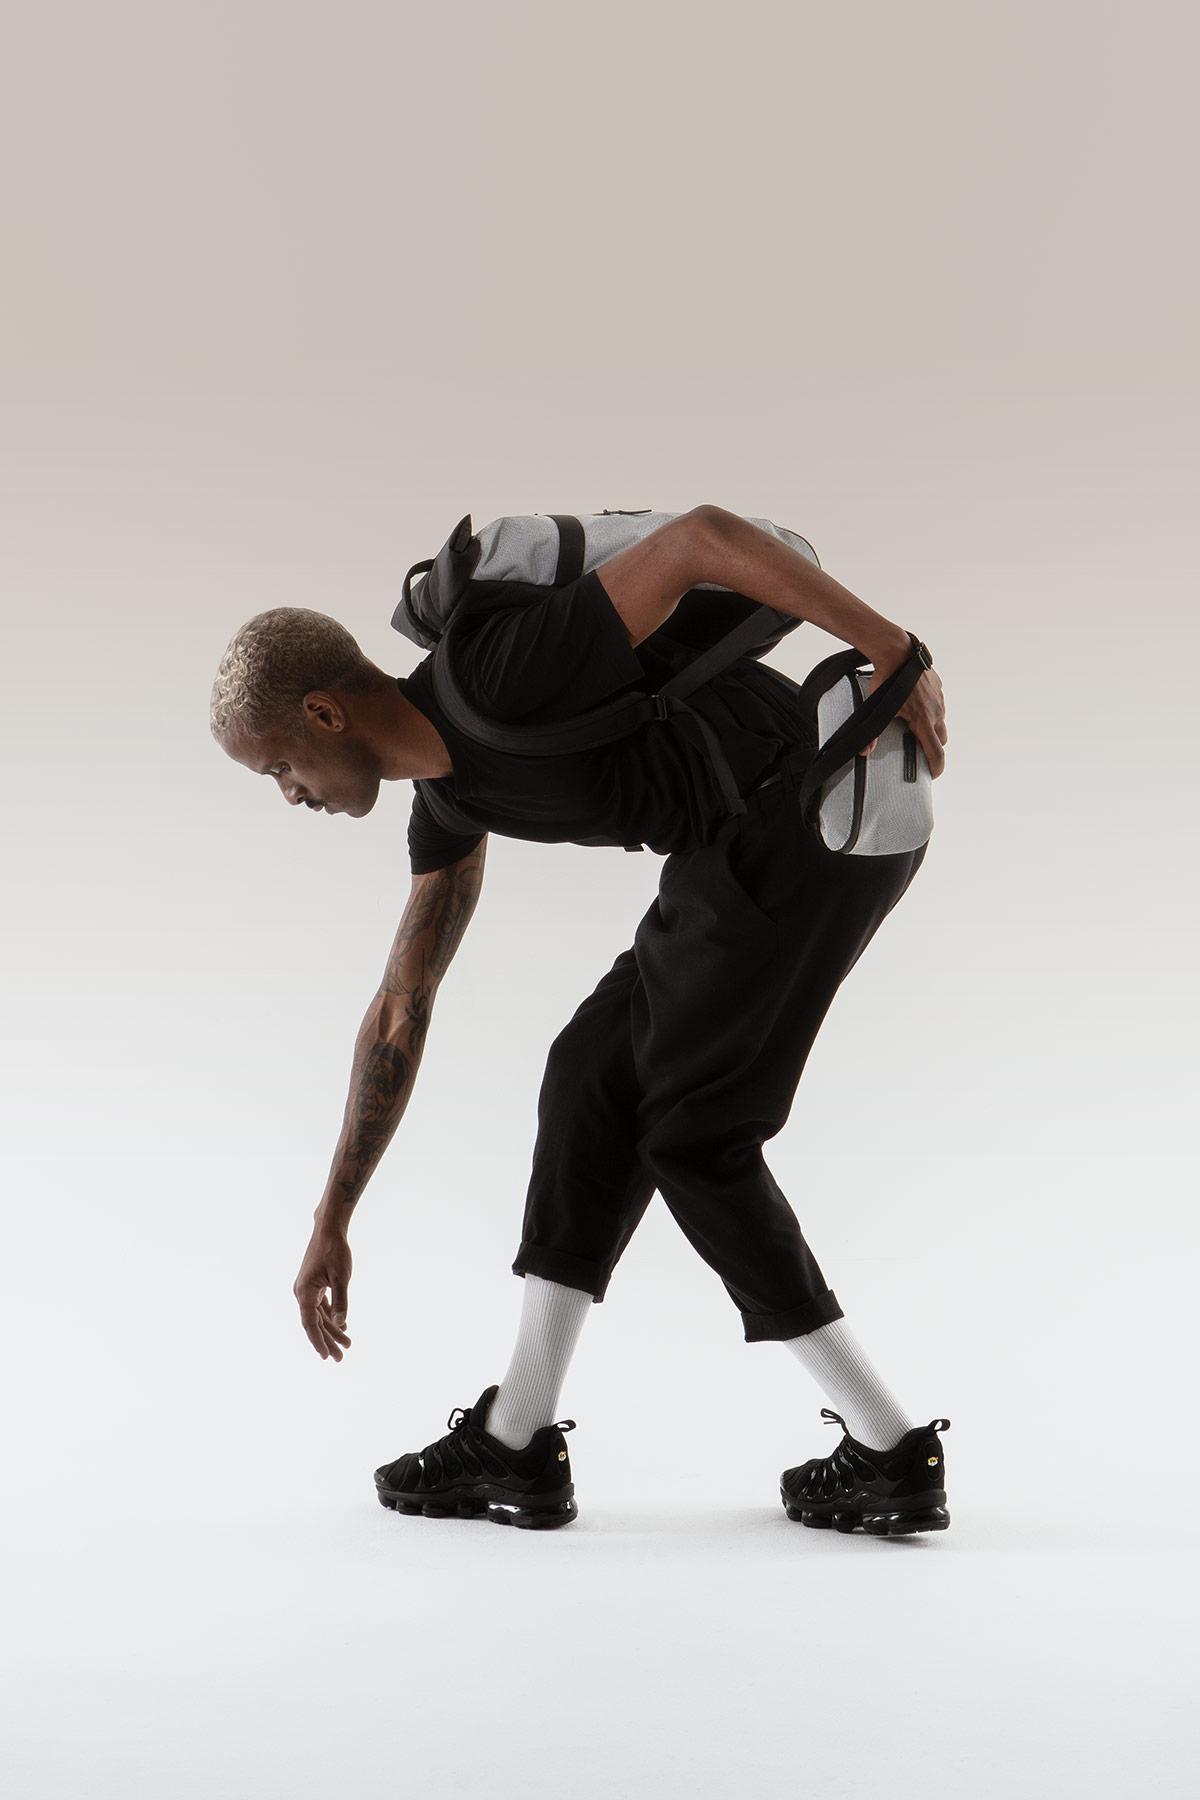 Stil Minimalistisch schick, dazu auf recyceltem Material und vegan: Mit den Rucksäcken und Taschen von Ucon Acrobatics fühlt man sich en vogue und trägt ein gutes Gewissen mit sich herum.